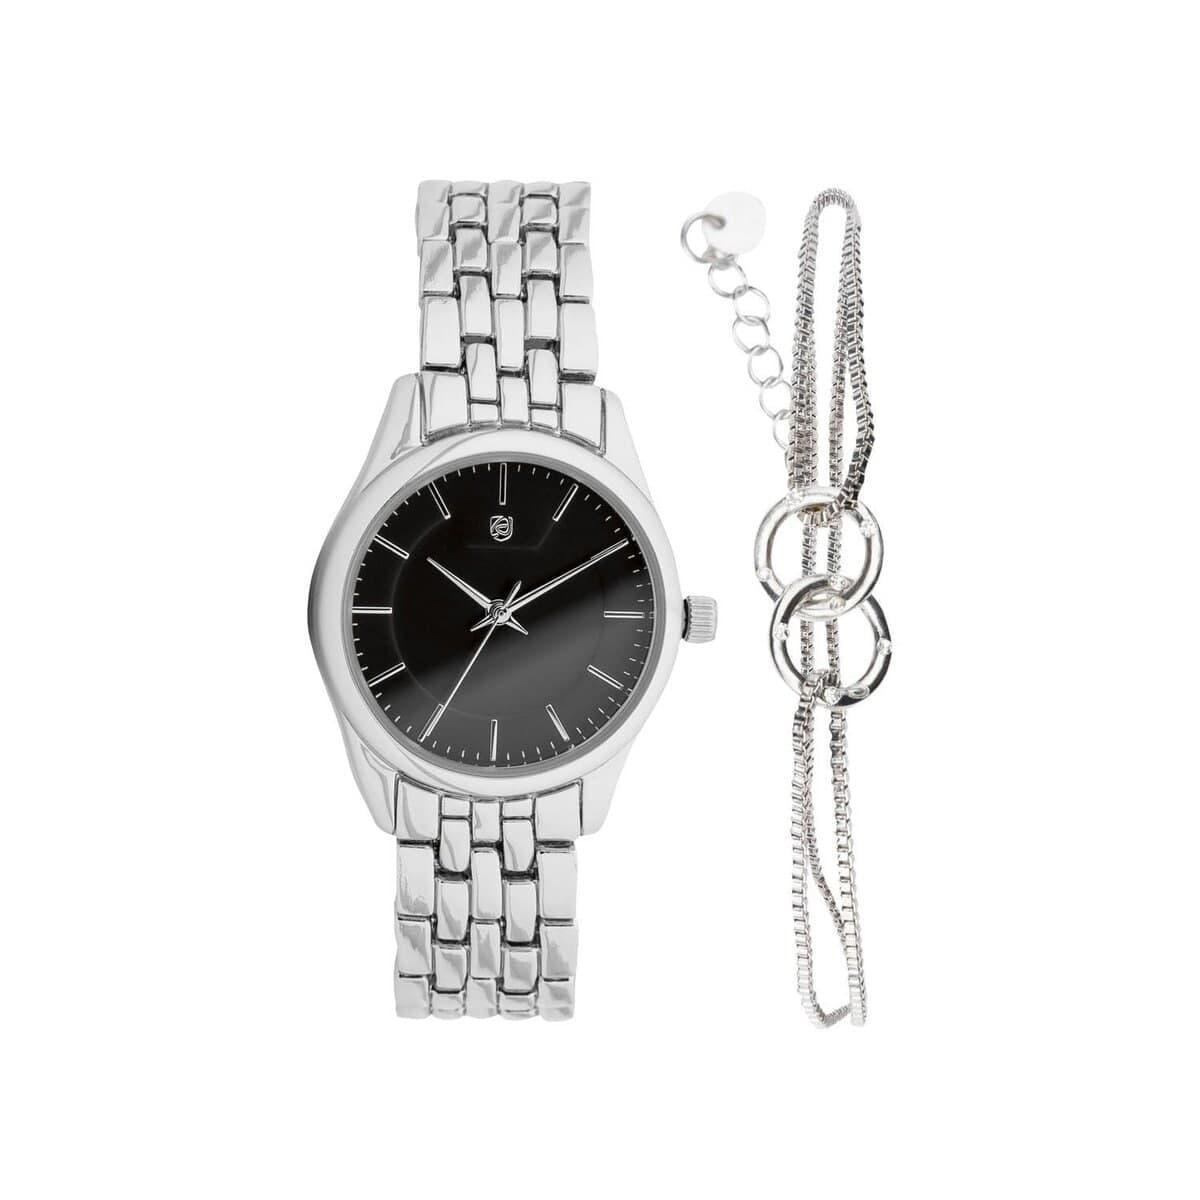 Женские наручные часы с браслетом AURIOL